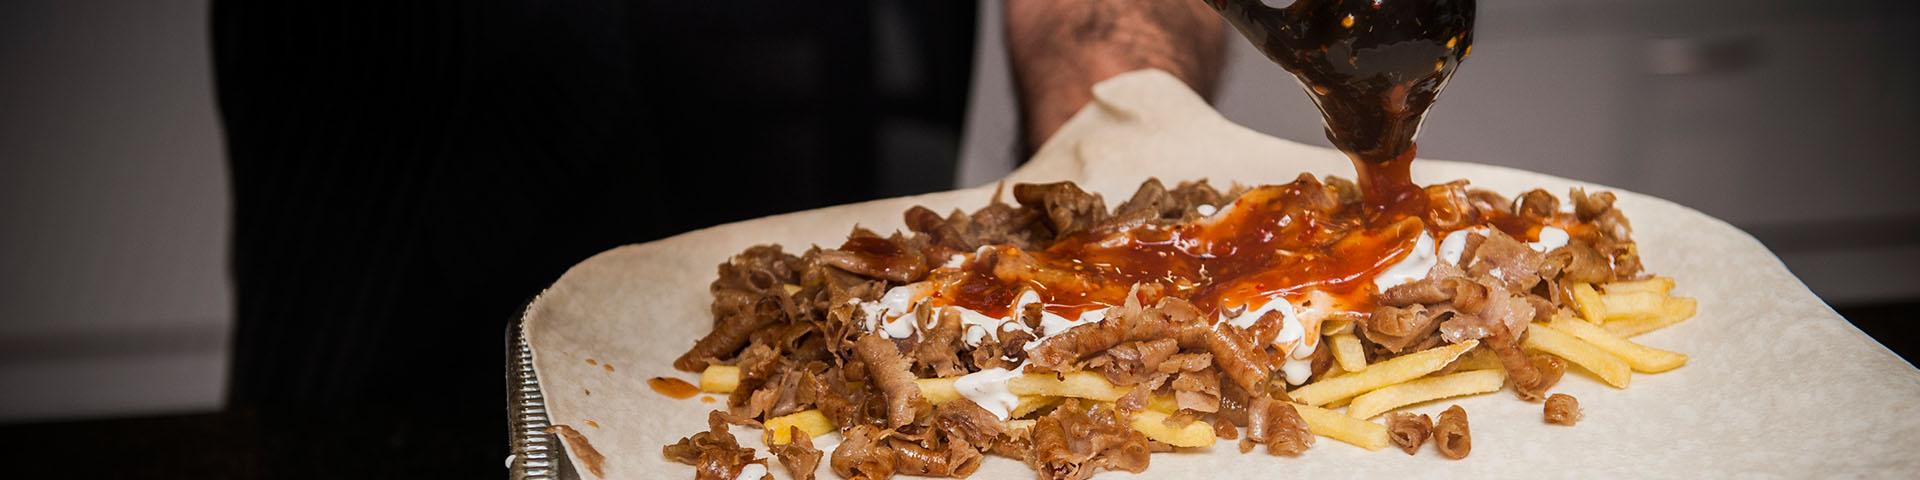 Kebab-slider